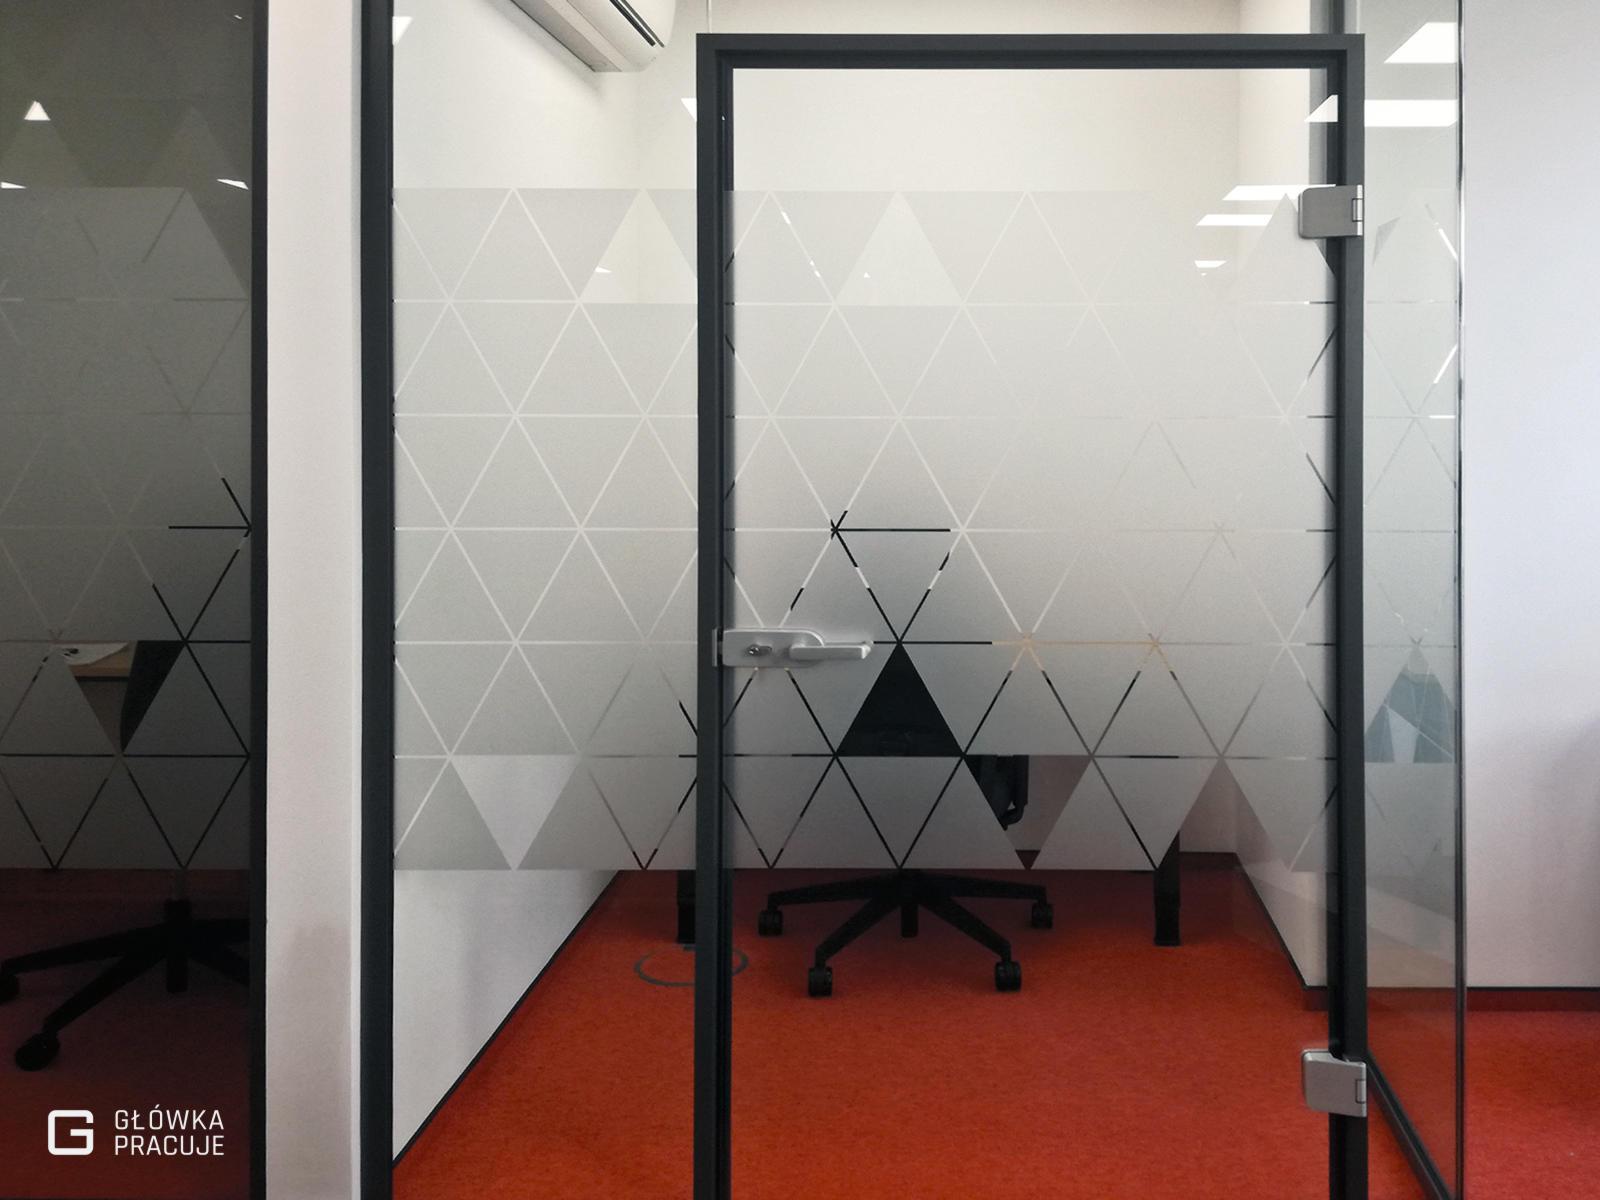 Główka Pracuje - matowa szroniona folia z wyciętymi trójkątami na ściankę szklaną w biurze - Warszawa